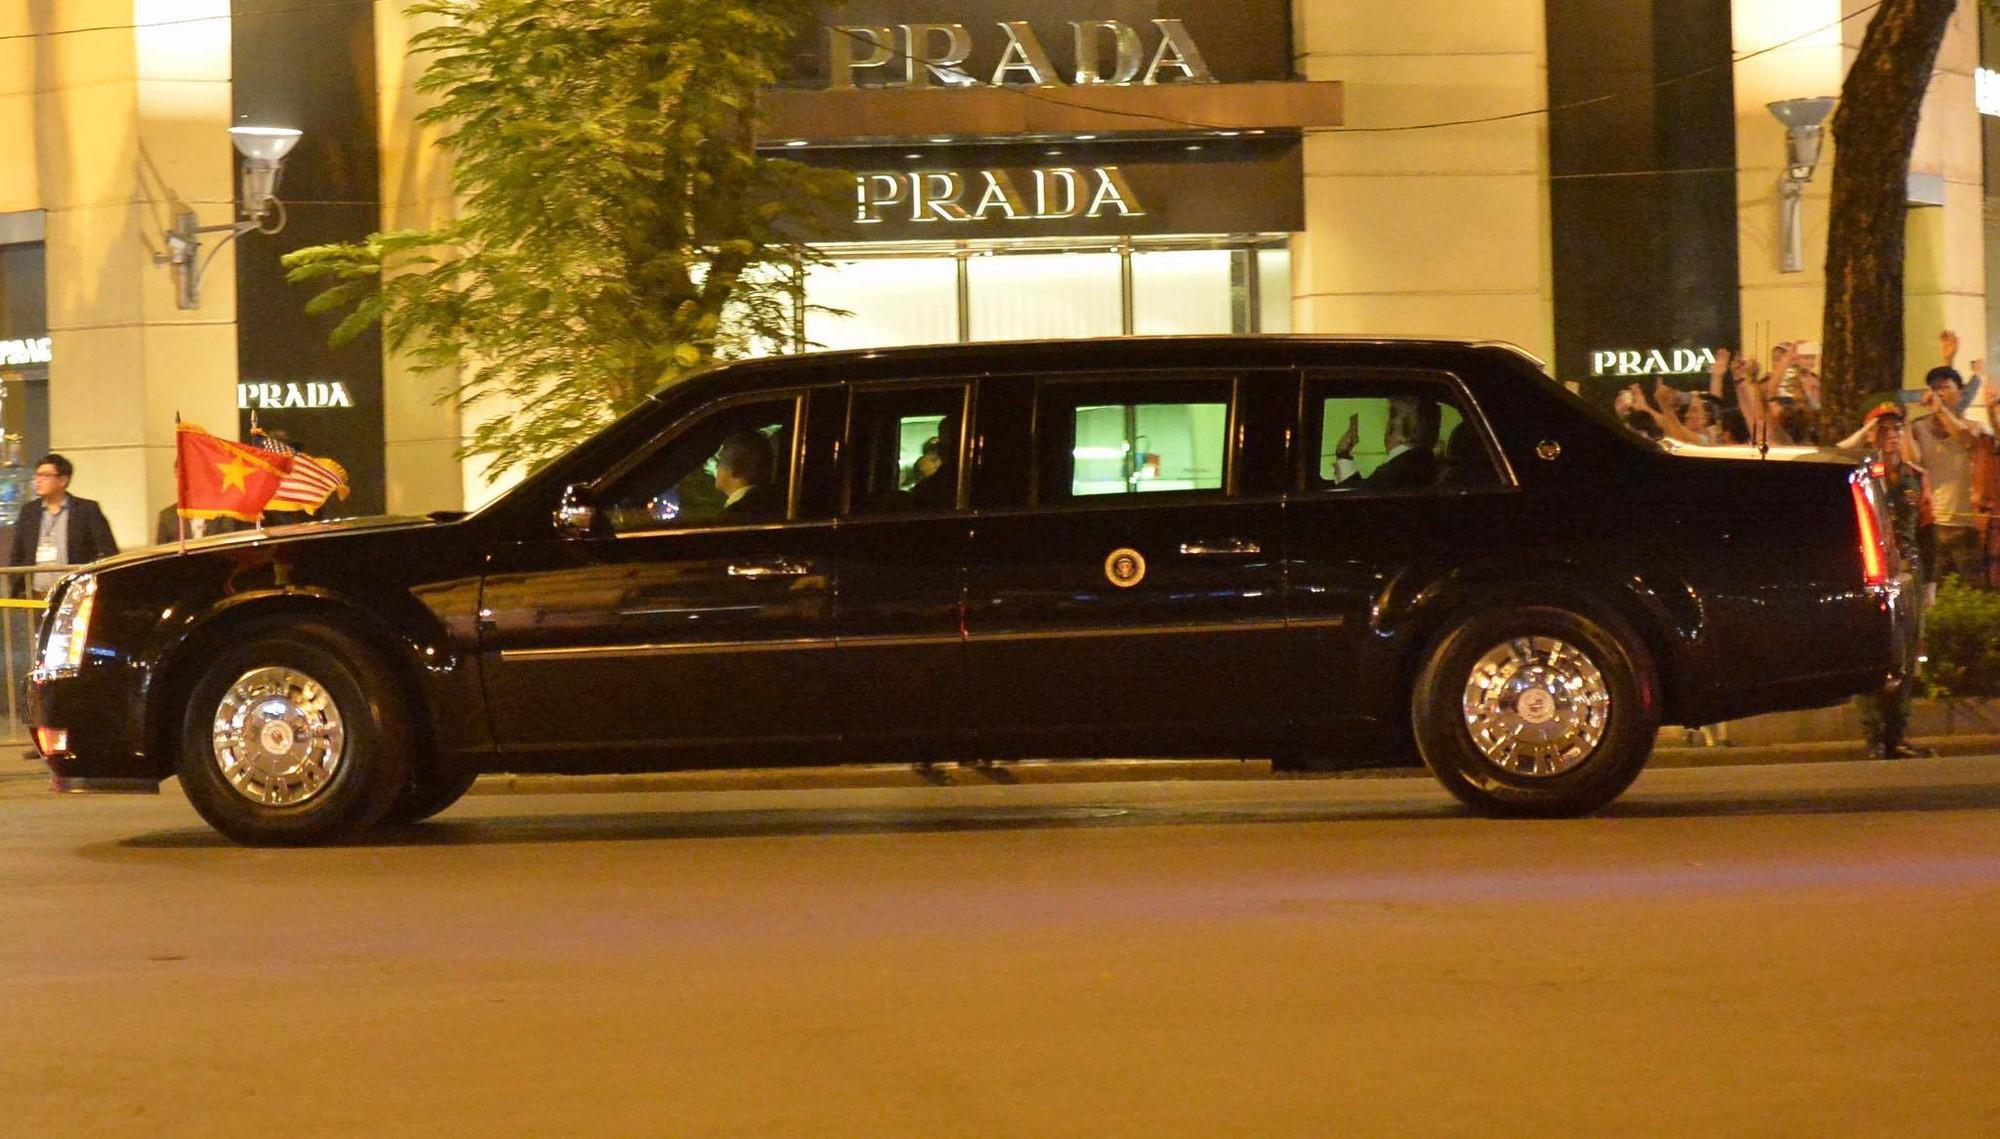 Tổng thống Mỹ Donald Trump đến Hà Nội, an ninh thắt chặt ở các tuyến phố trung tâm - Ảnh 23.